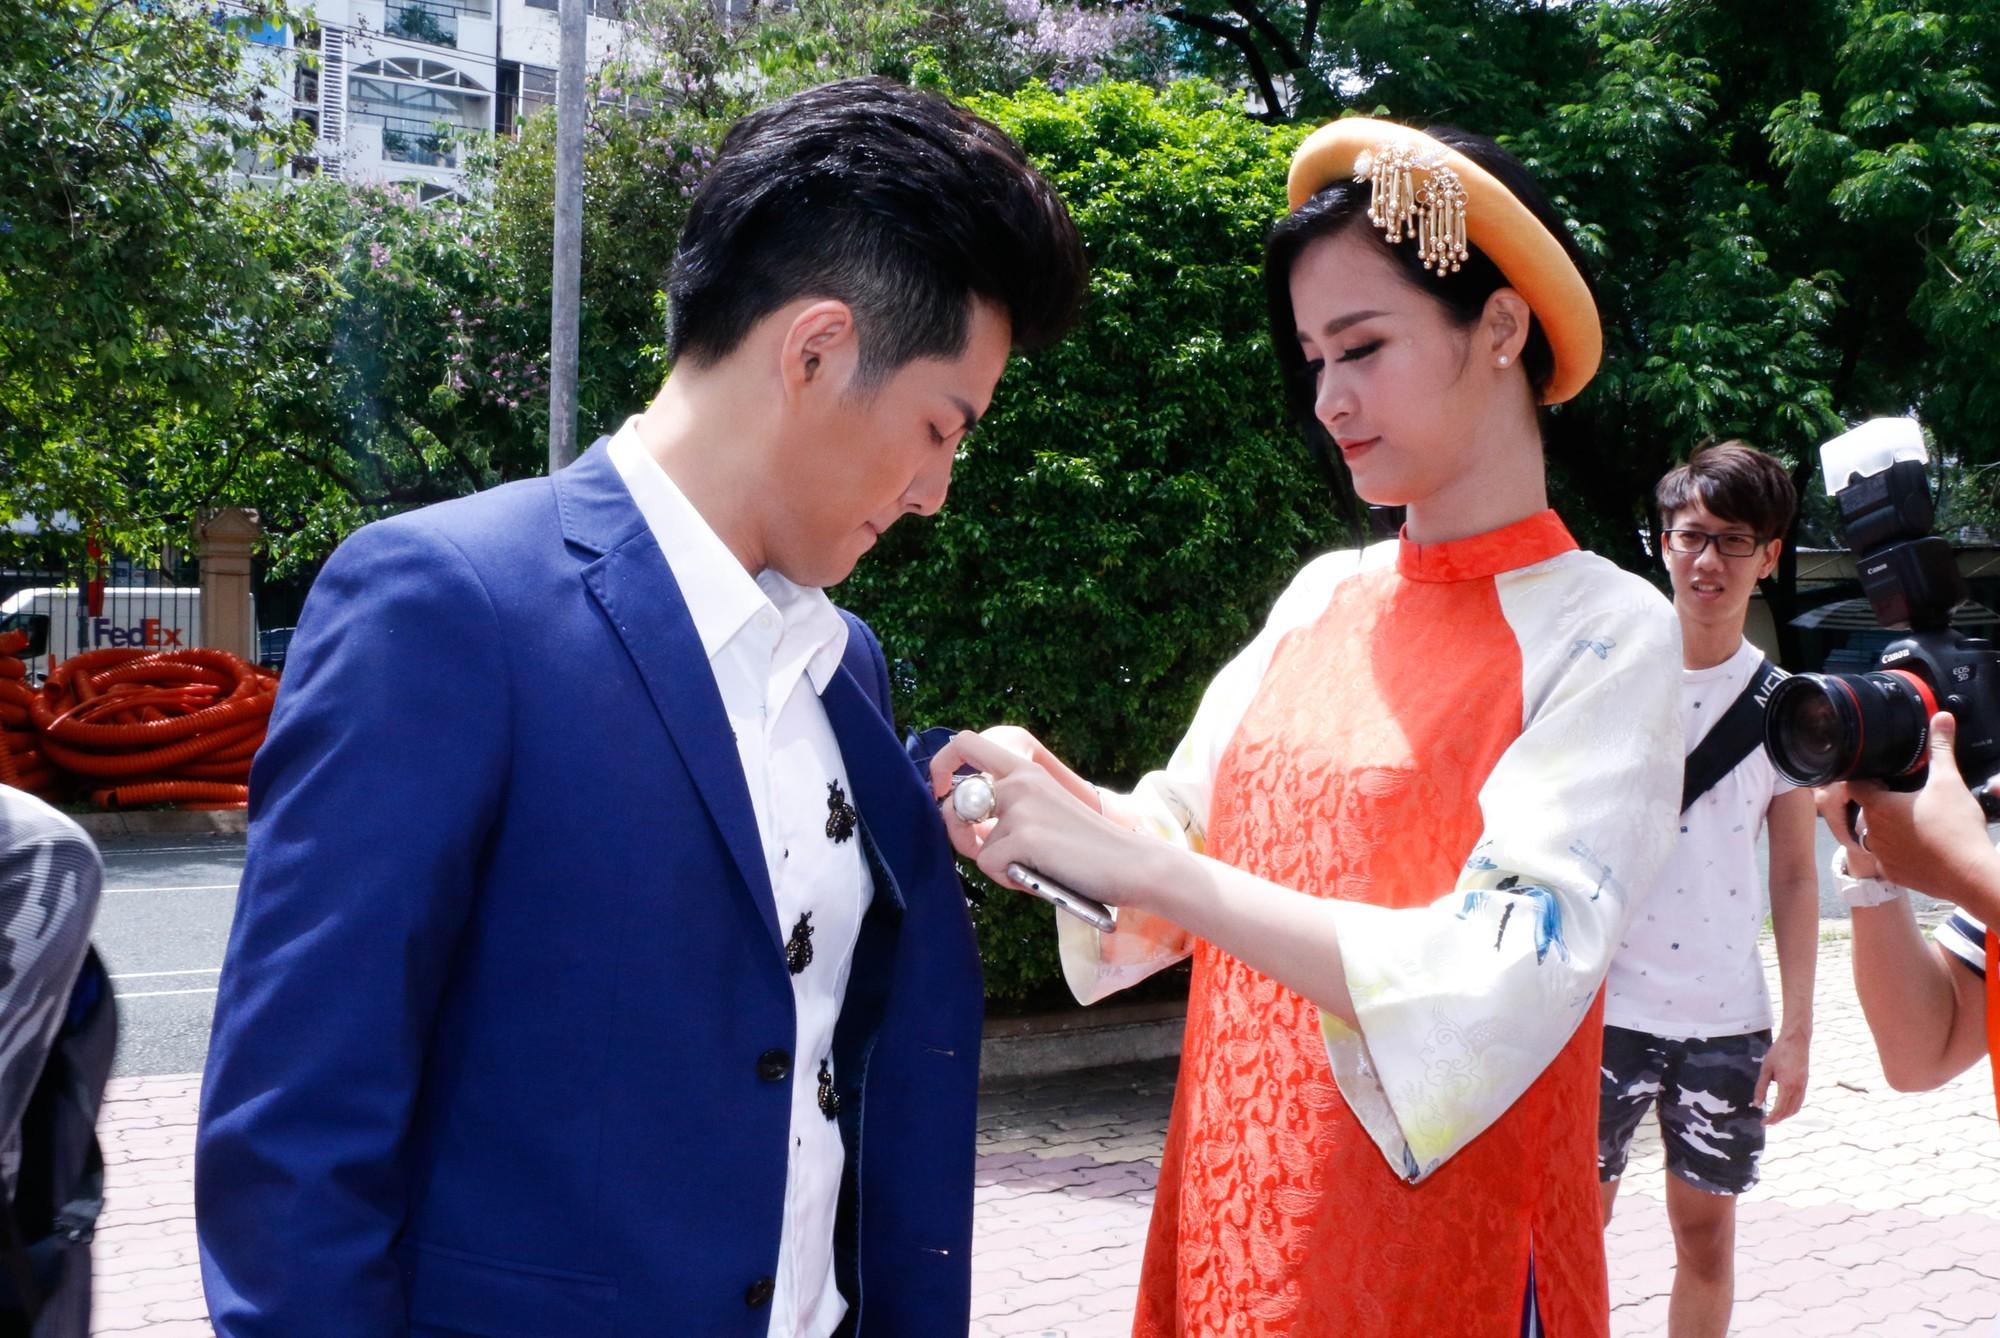 Hành trình 10 năm yêu chốt lại bằng đám cưới của Đông Nhi và Ông Cao Thắng: Cổ tích đời thực đích thị là đây! - Ảnh 5.